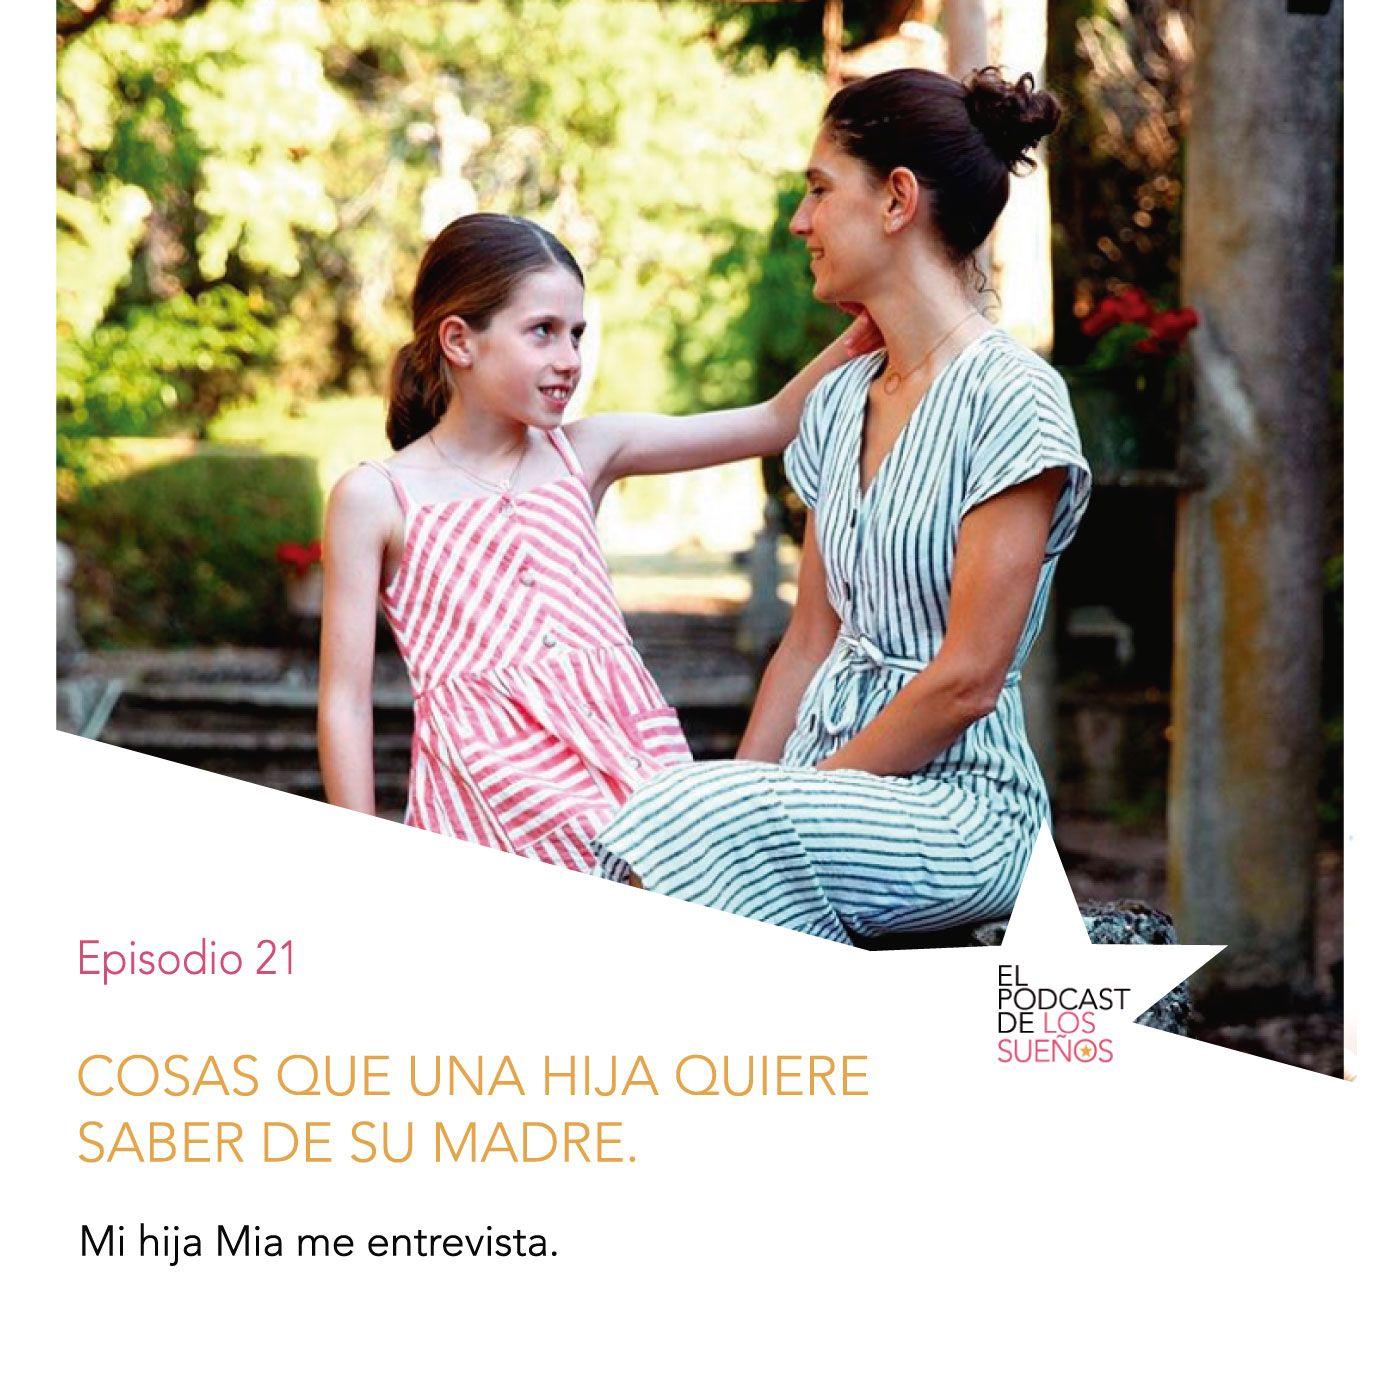 Cosas que una hija quiere saber de su madre. Ep 21